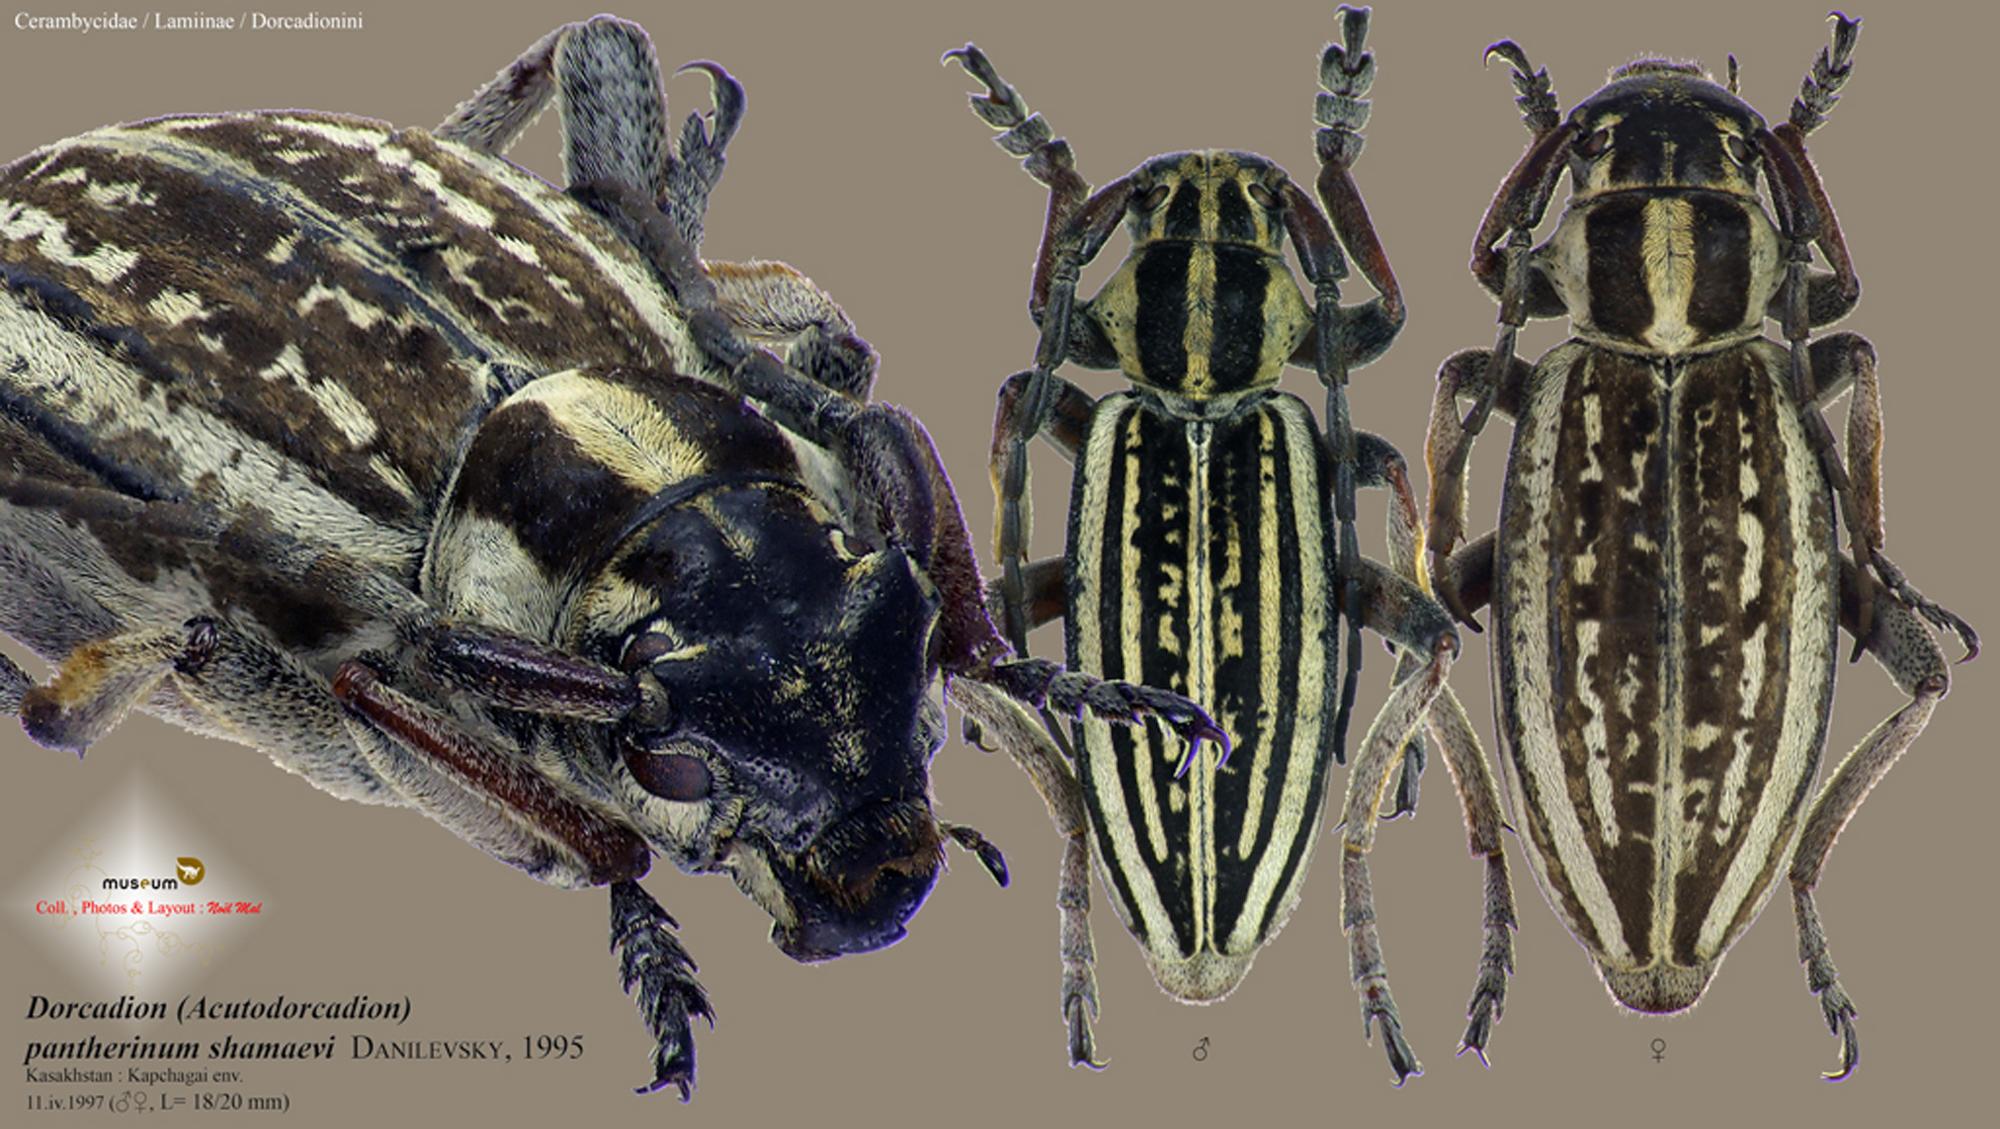 Dorcadion (Acutodorcadion) pantherinum shamaevi.jpg